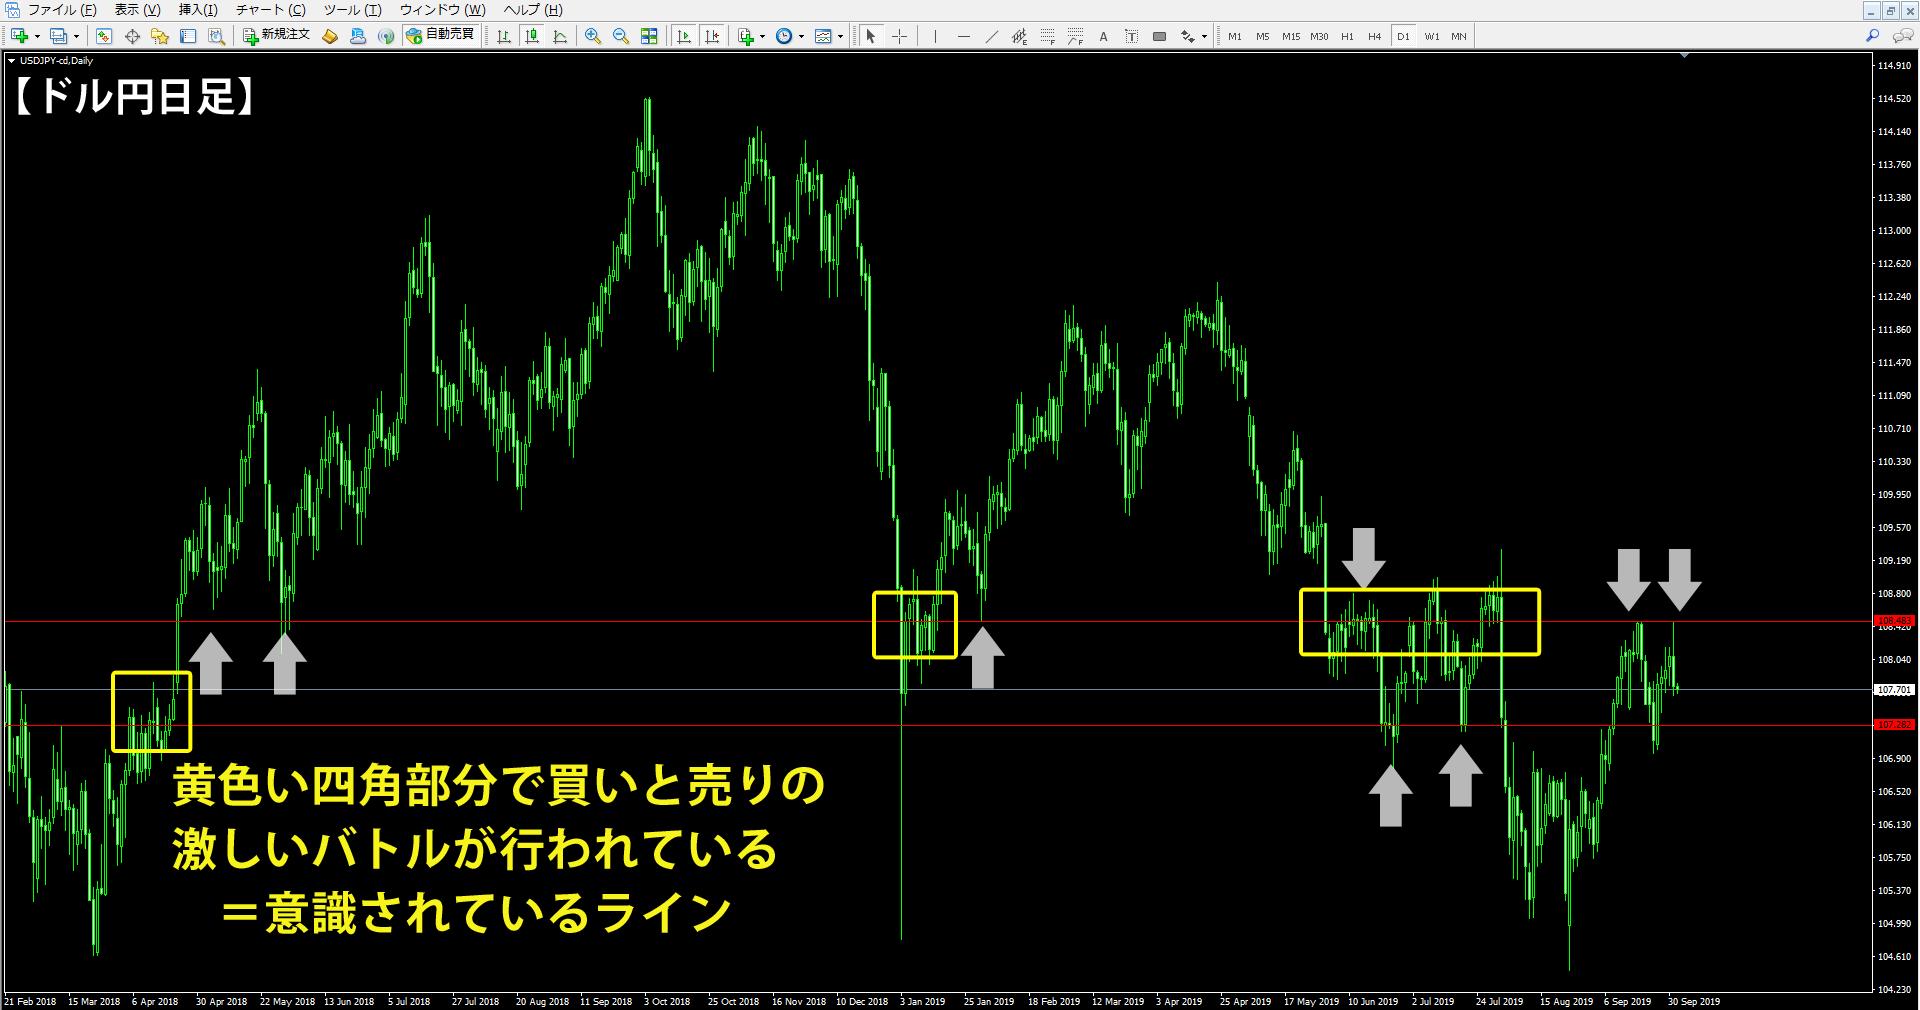 ドル円の日足チャートでロールリバーサルが起きている場所の解説(その1)